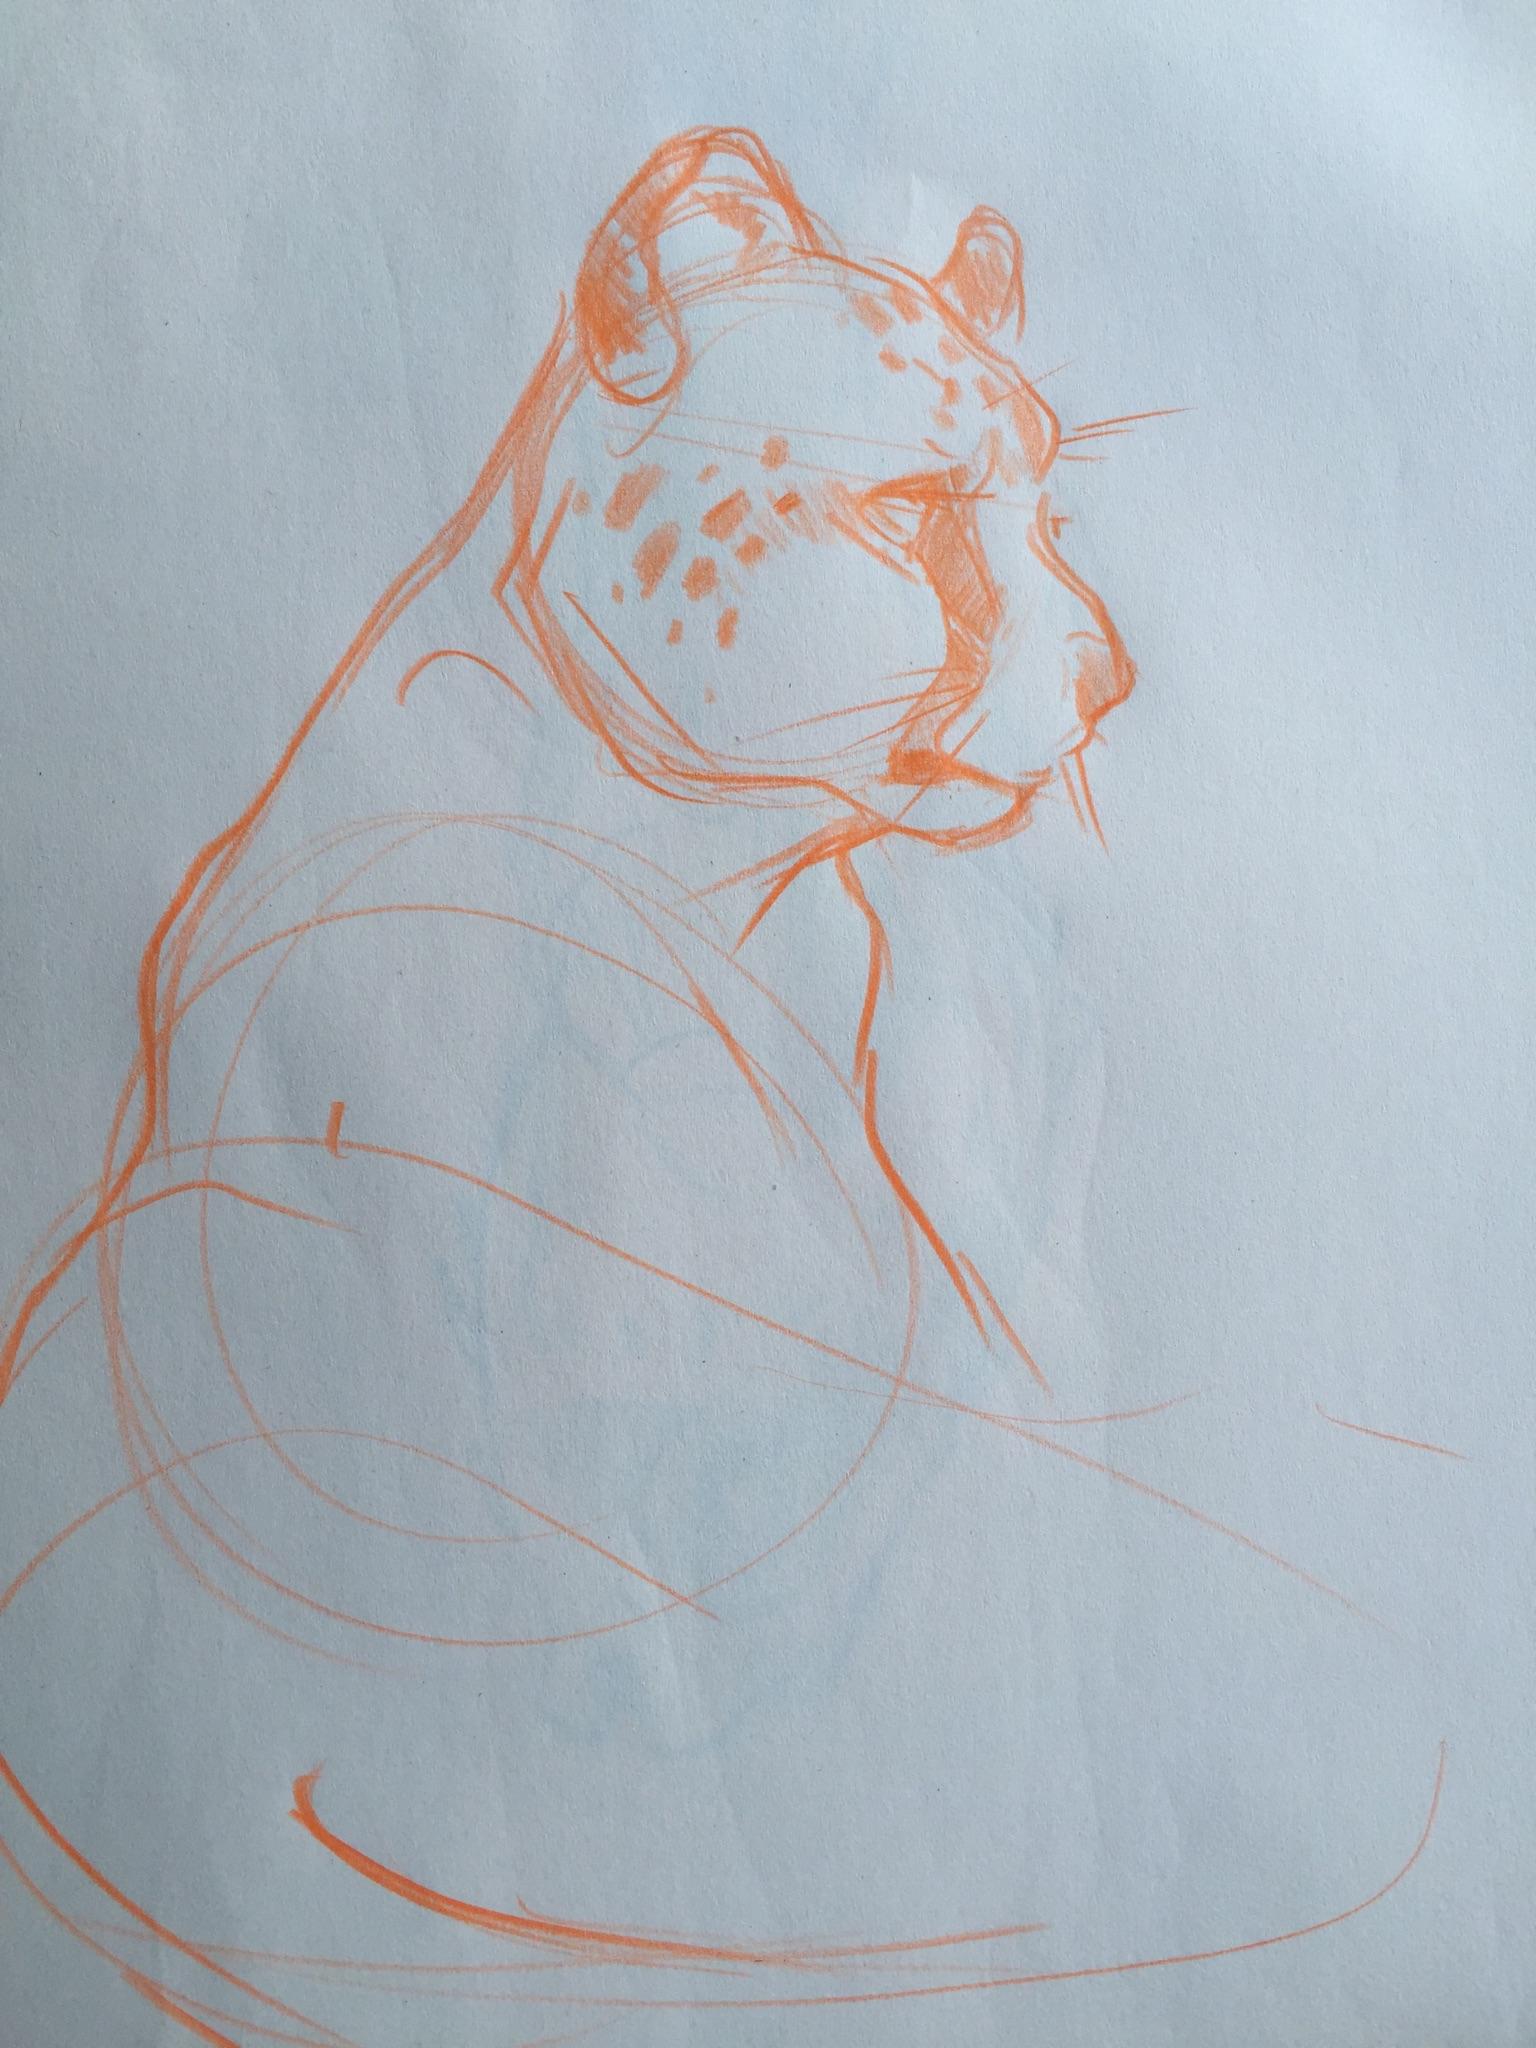 cheetah sketch.jpg